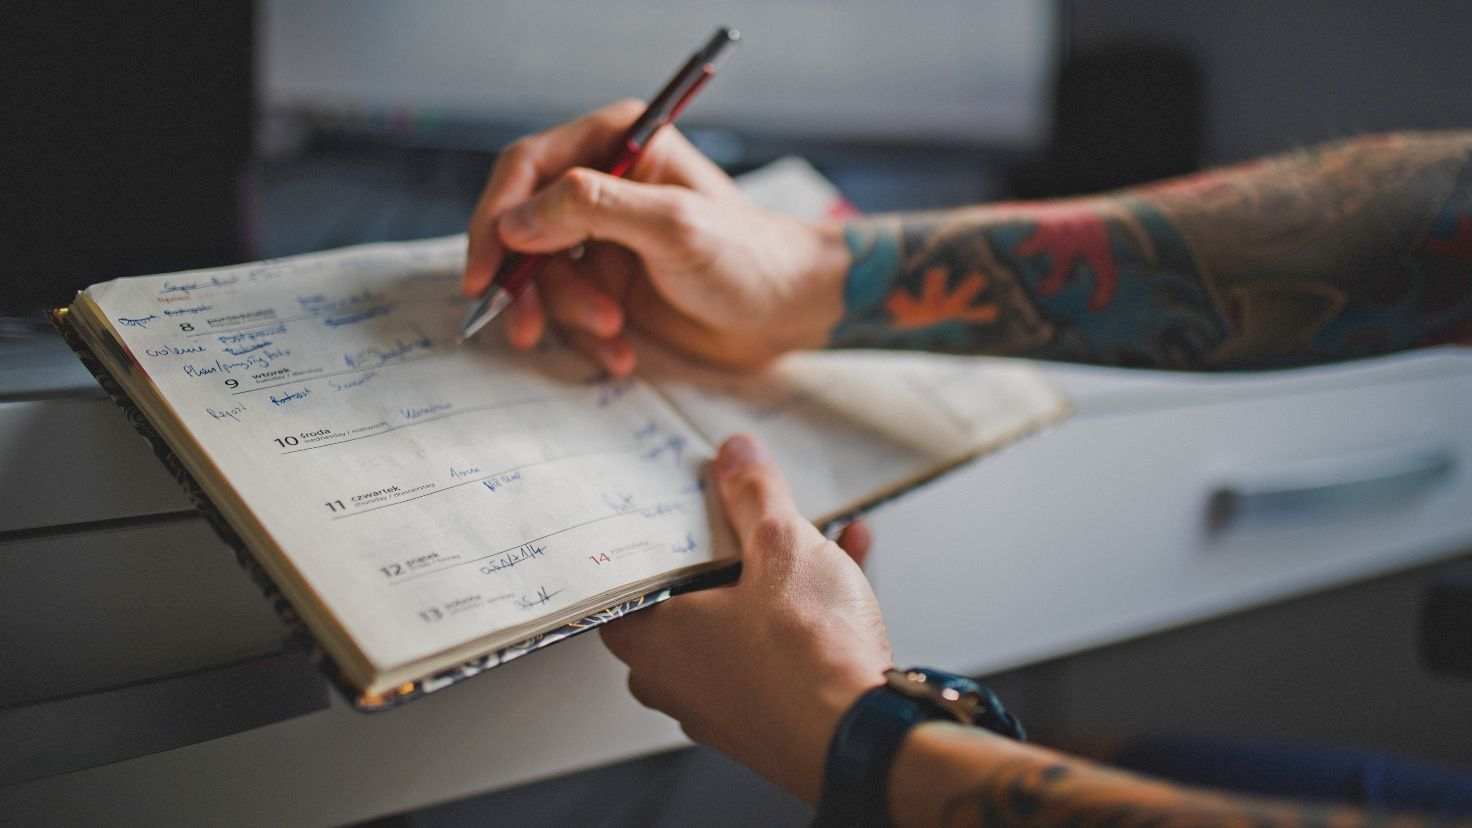 Poranne rytuały - zapisuj swoje cele każdego dnia